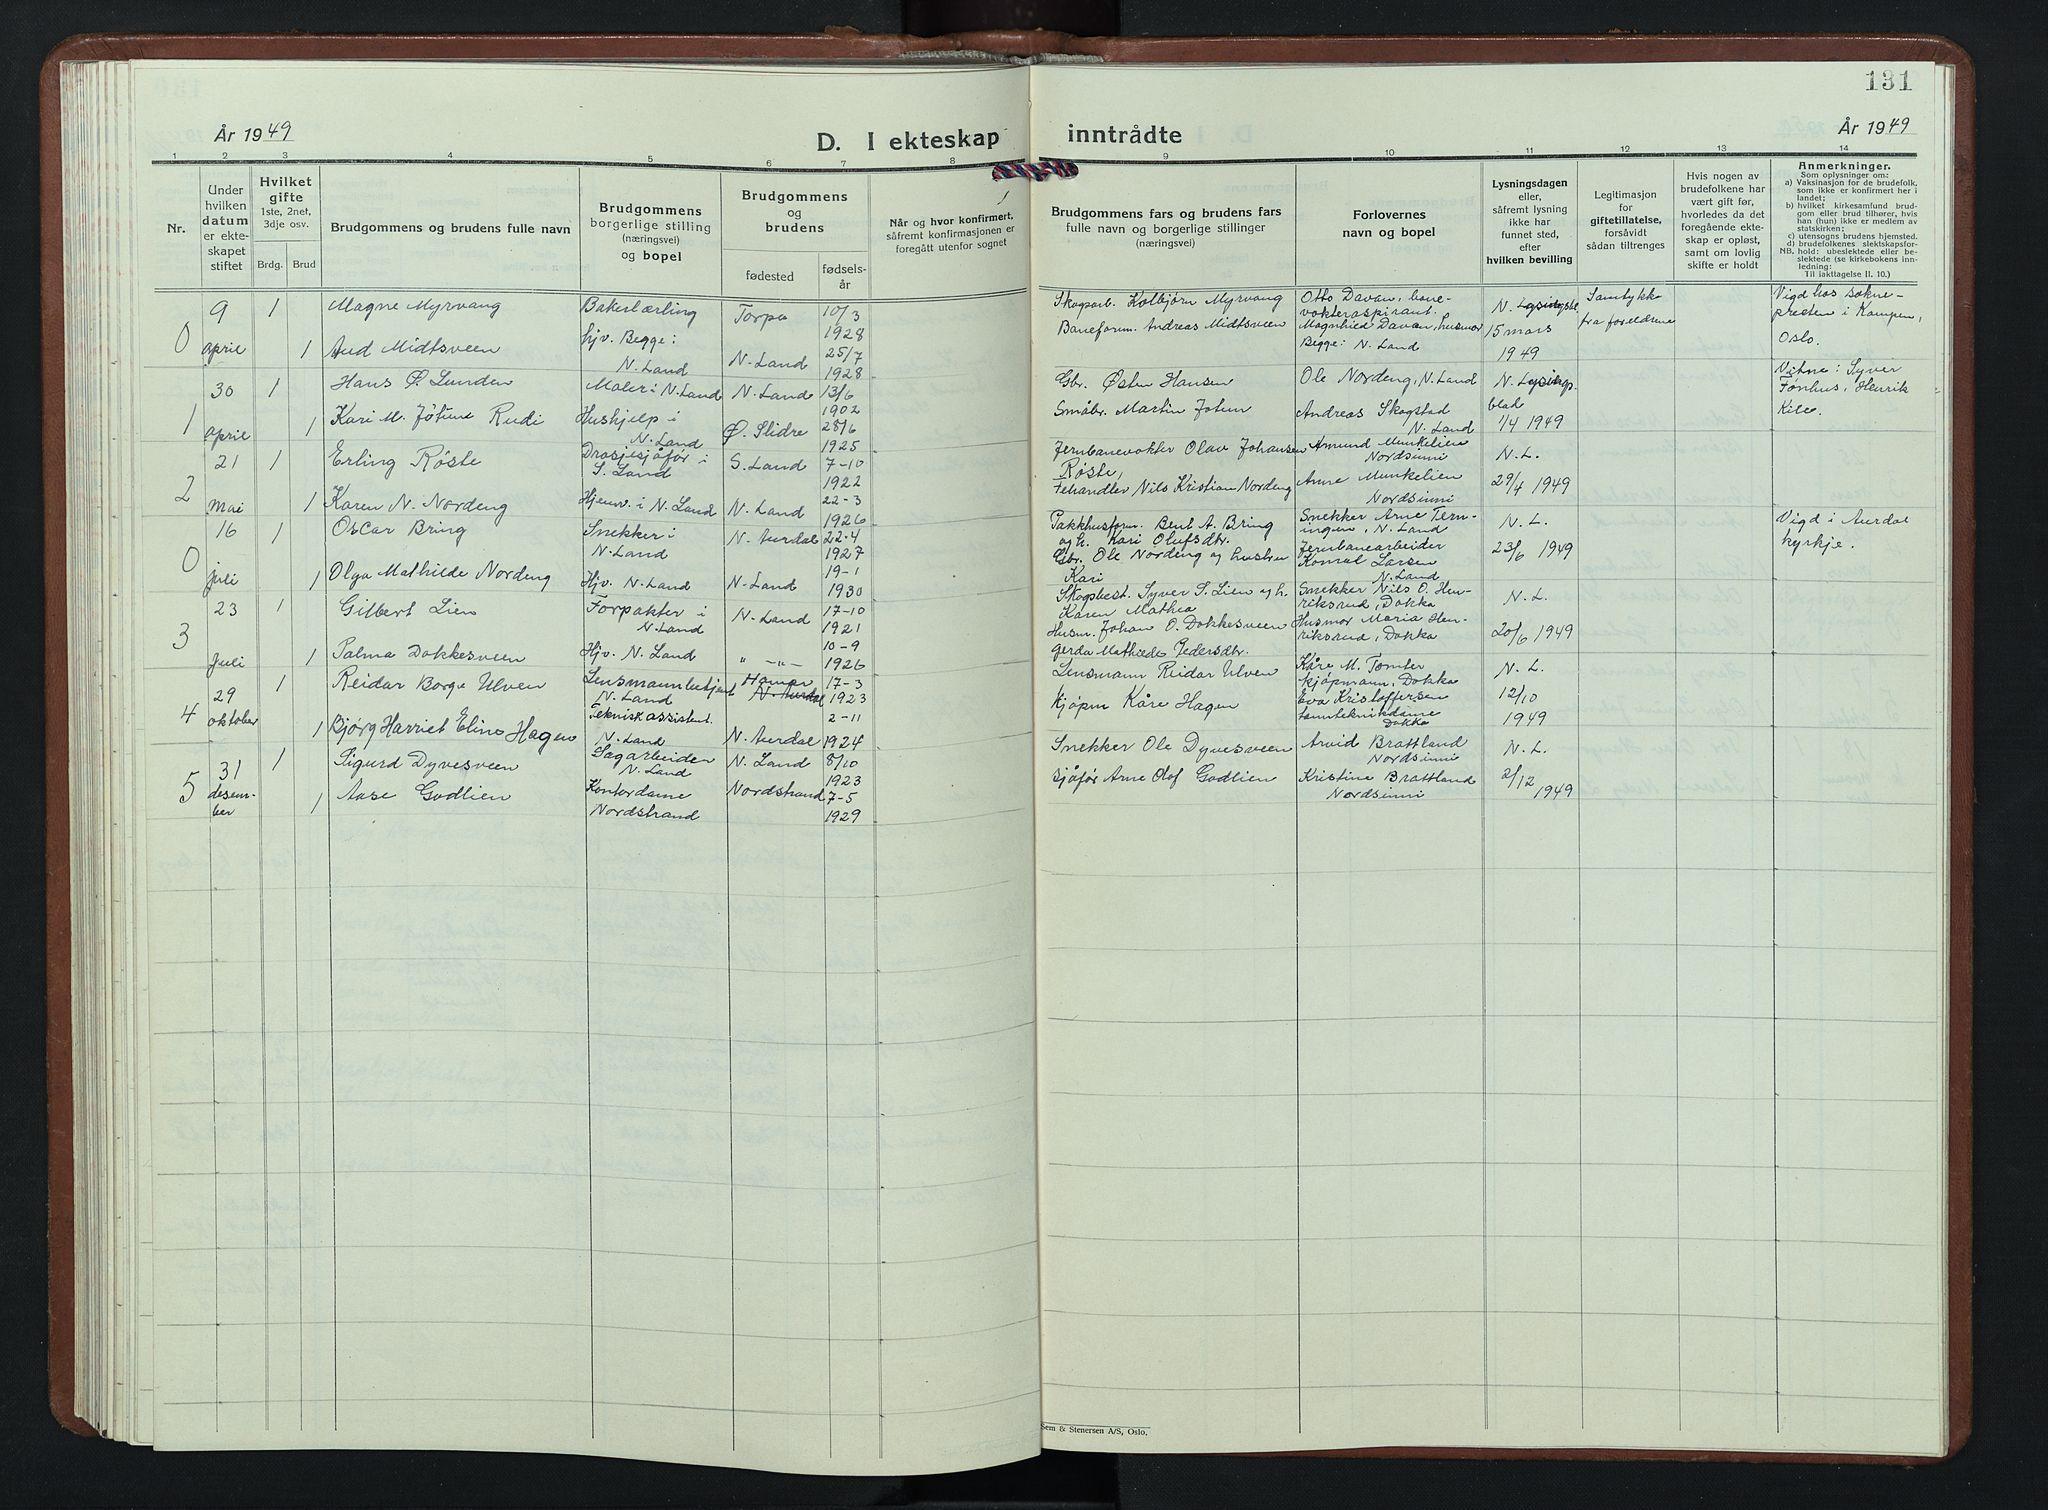 SAH, Nordre Land prestekontor, Klokkerbok nr. 7, 1930-1953, s. 131